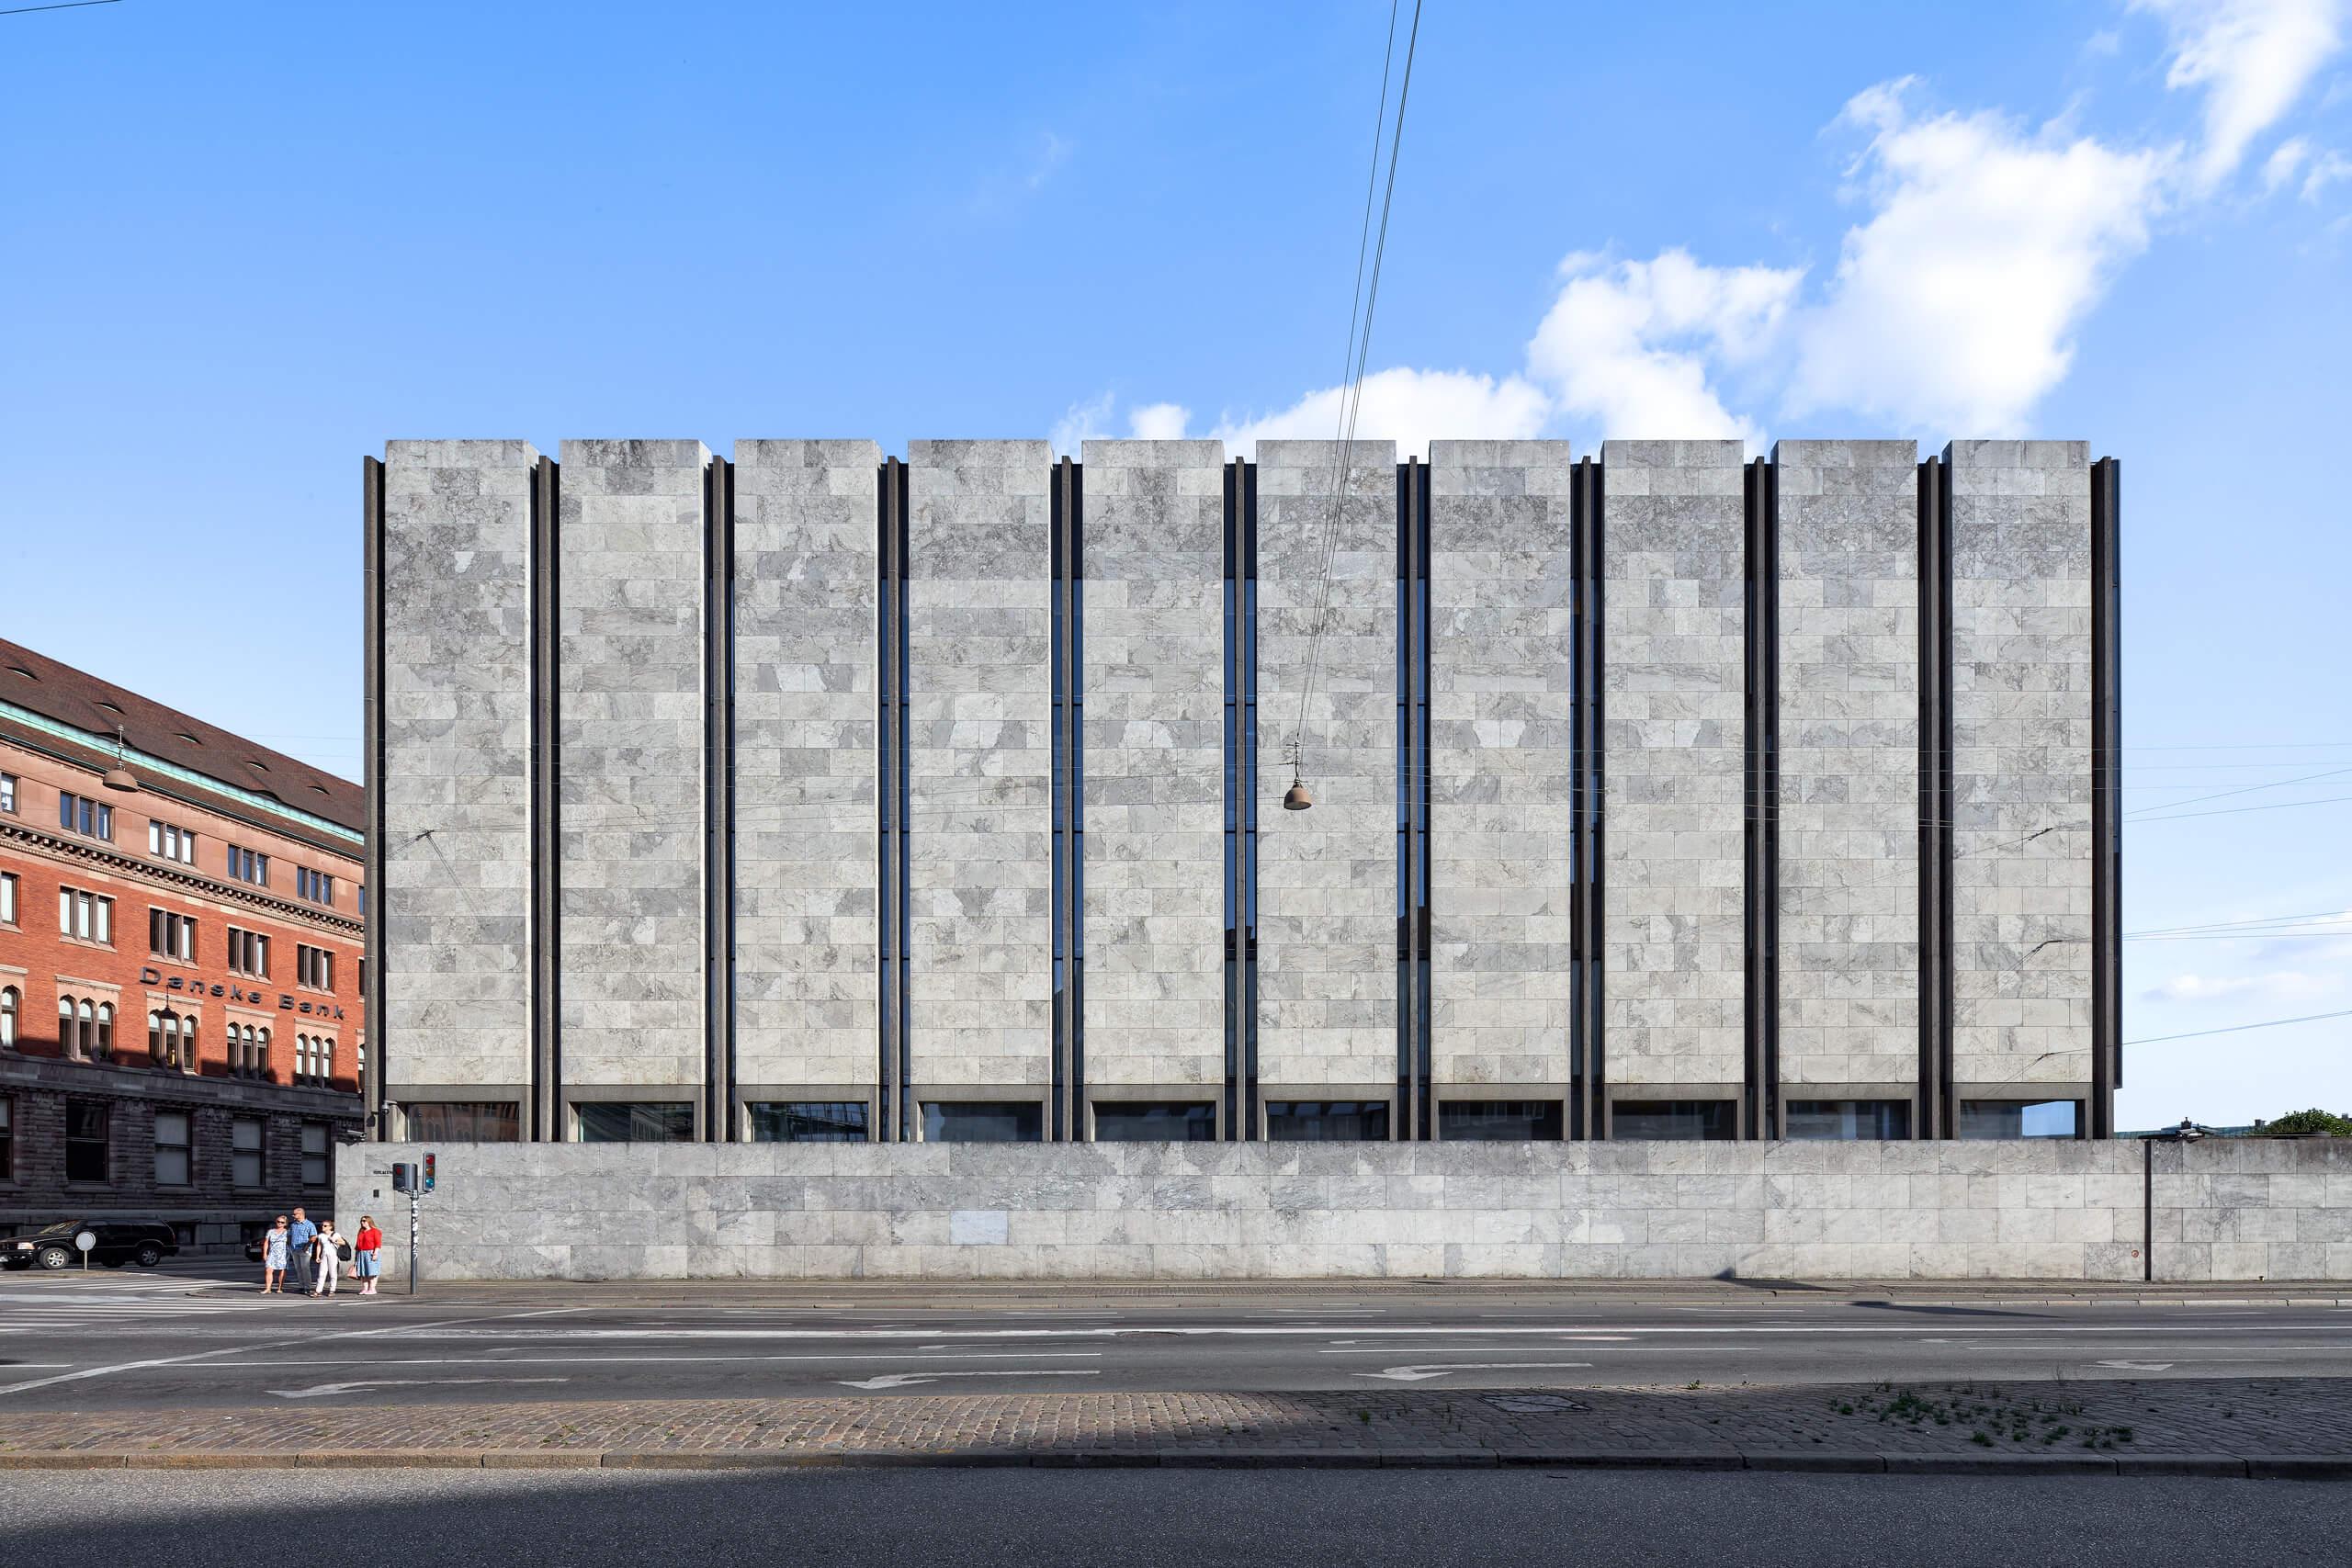 Danmarks Nationalbank<br>Arne Jacobsen